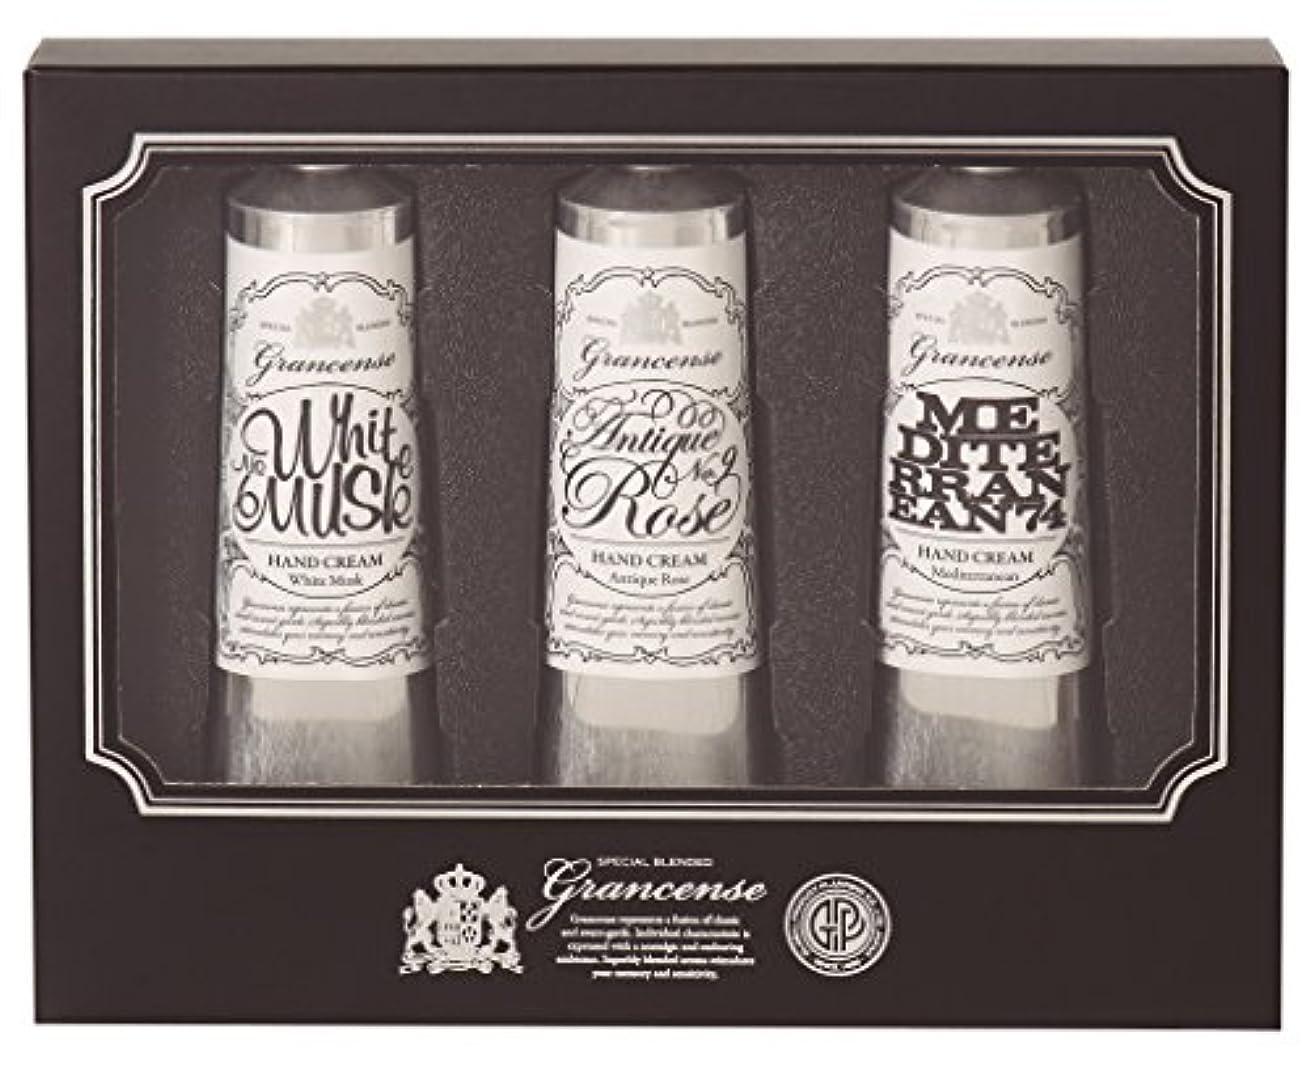 自治虚偽直接グランセンス ハンドクリーム 40g×3個セット(手肌用保湿 シアバター配合 日本製 贈答品 箱入り ホワイトムスク&アンティークローズ&メディテレーニアン)